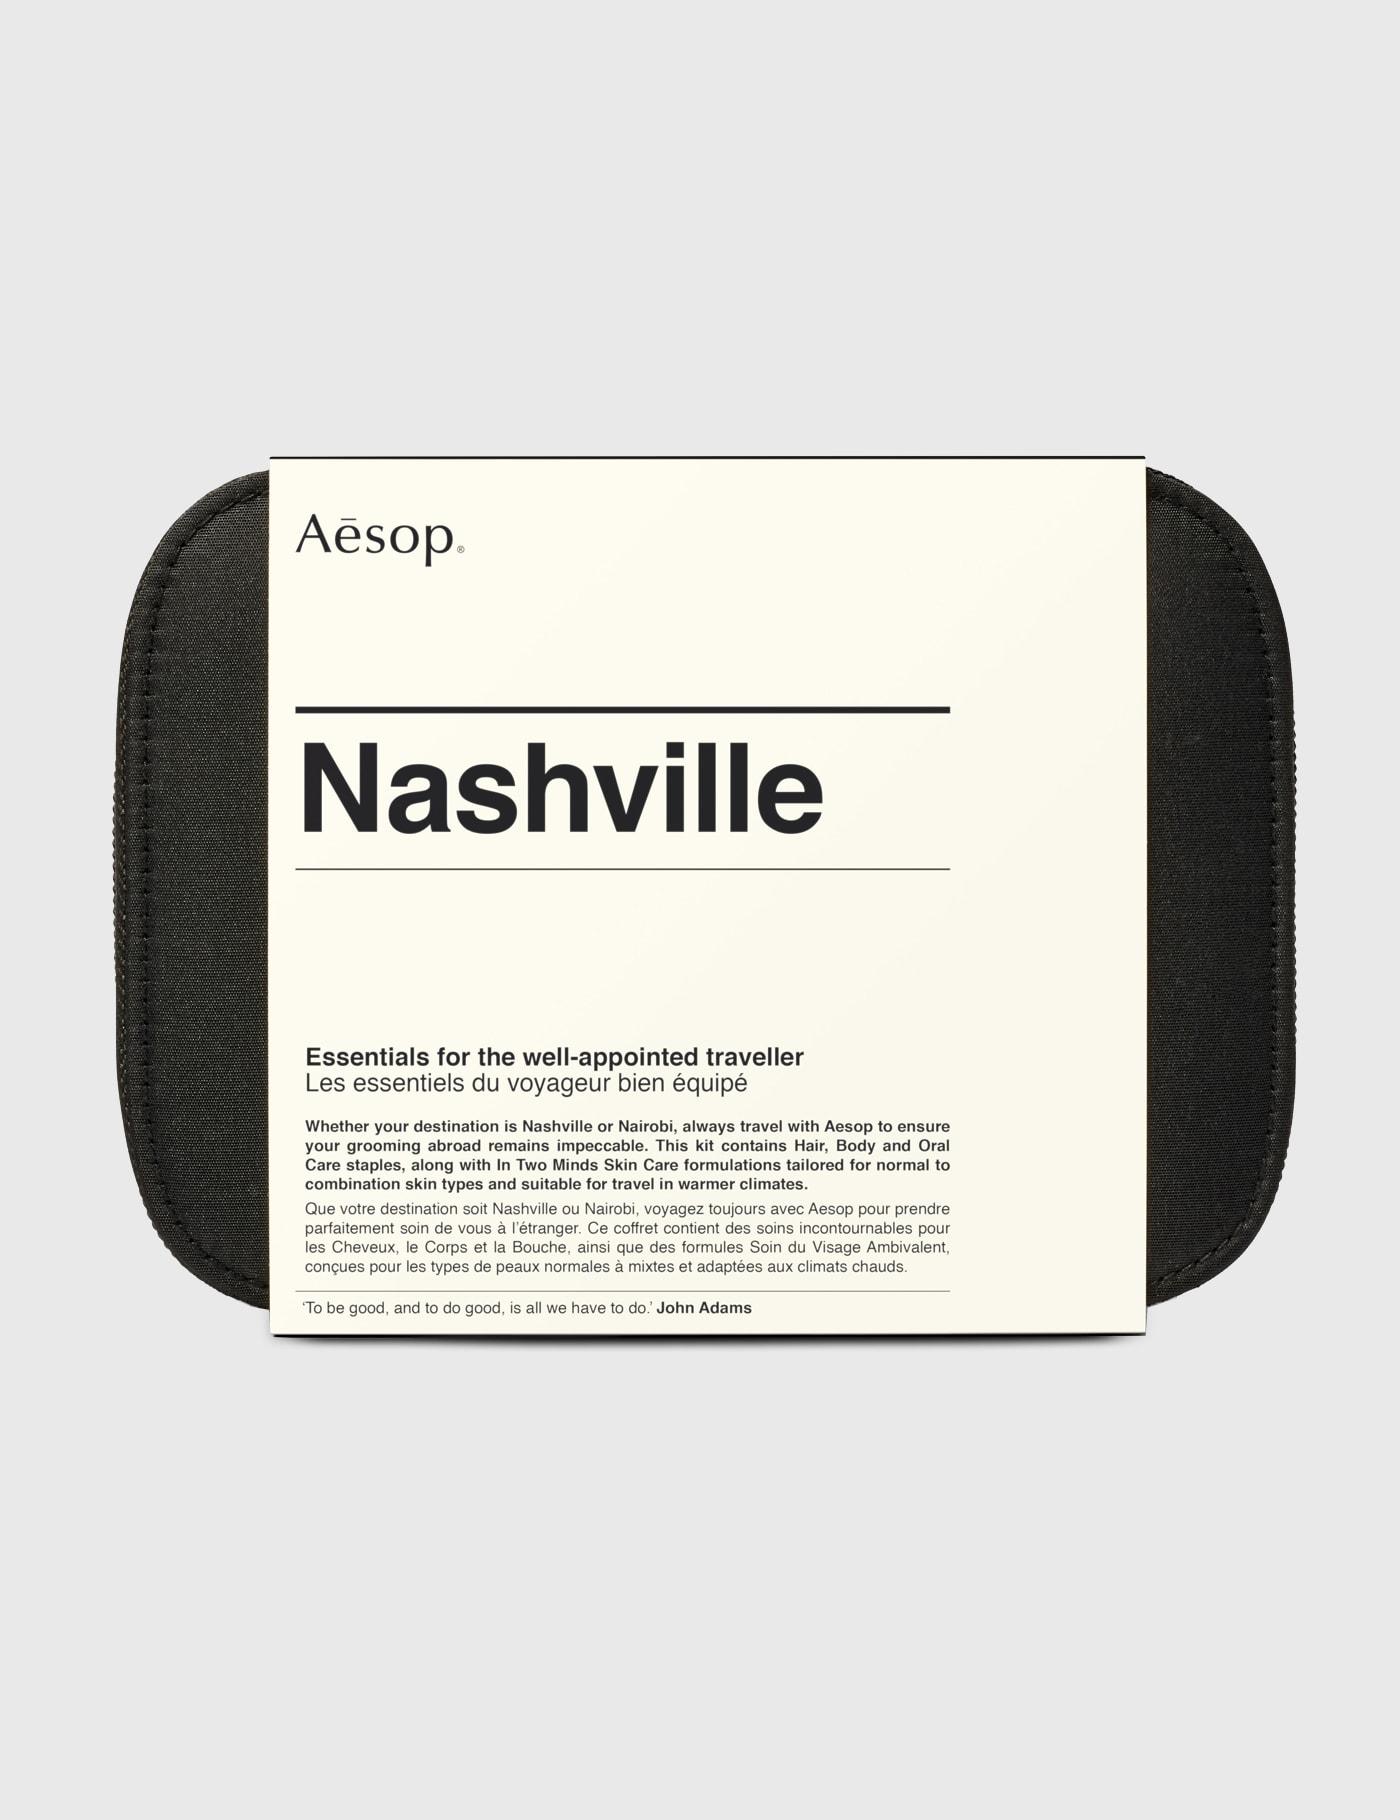 Aesop Nashville City Kit In N,a